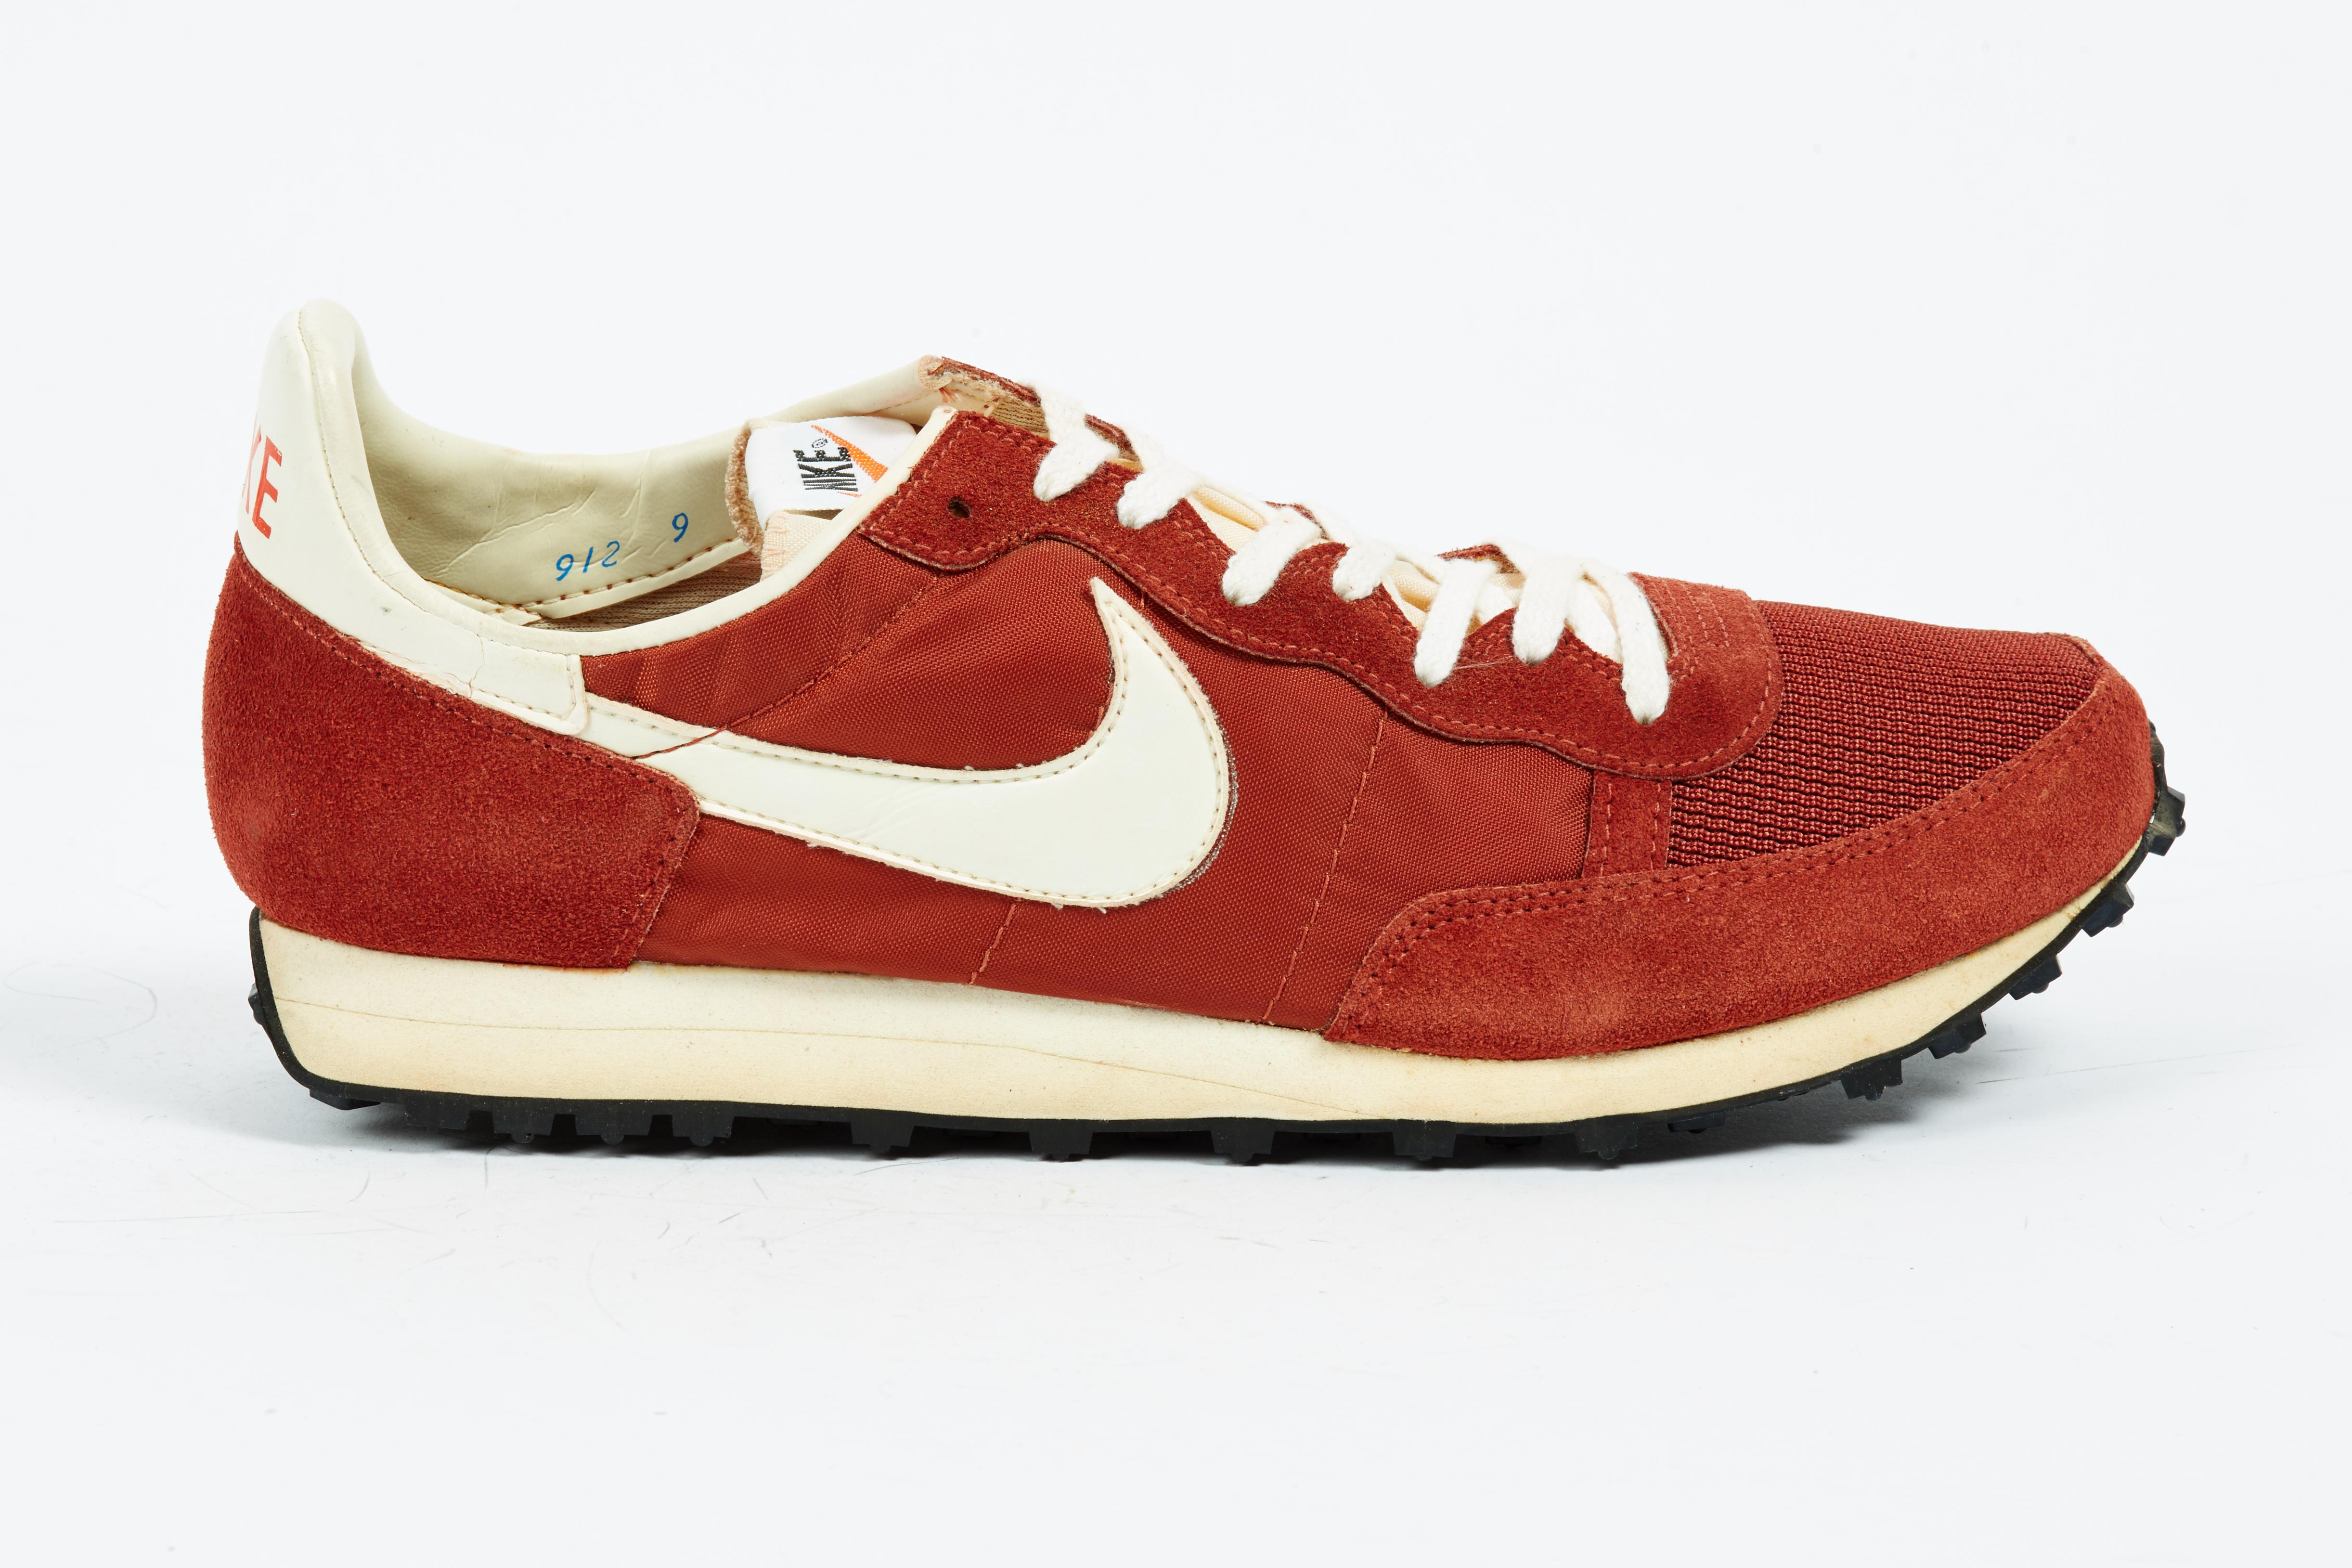 Vintage 1979 Nike Challenger